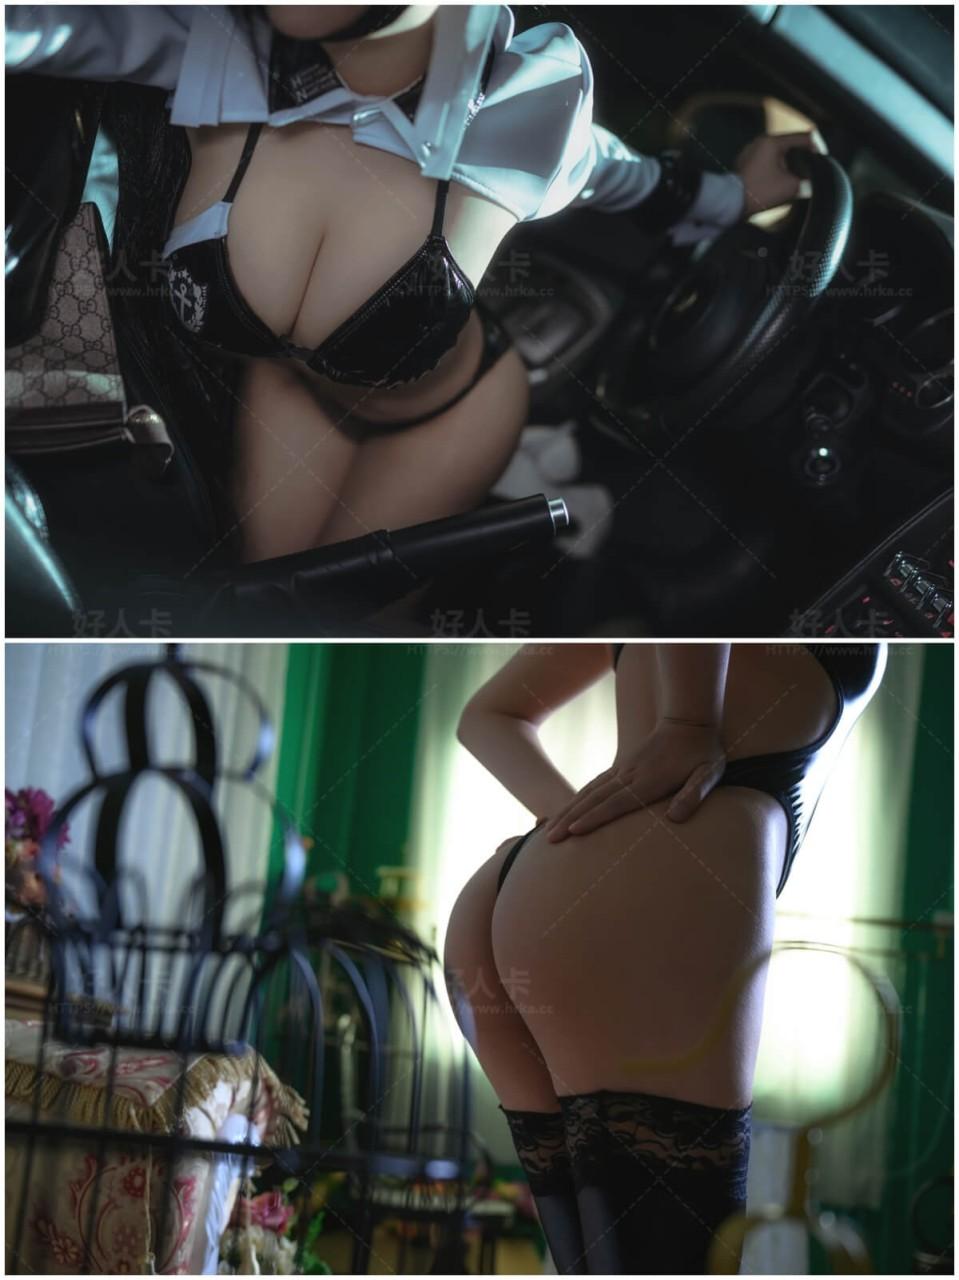 抱走莫子aa:美臀巨乳萌妹子